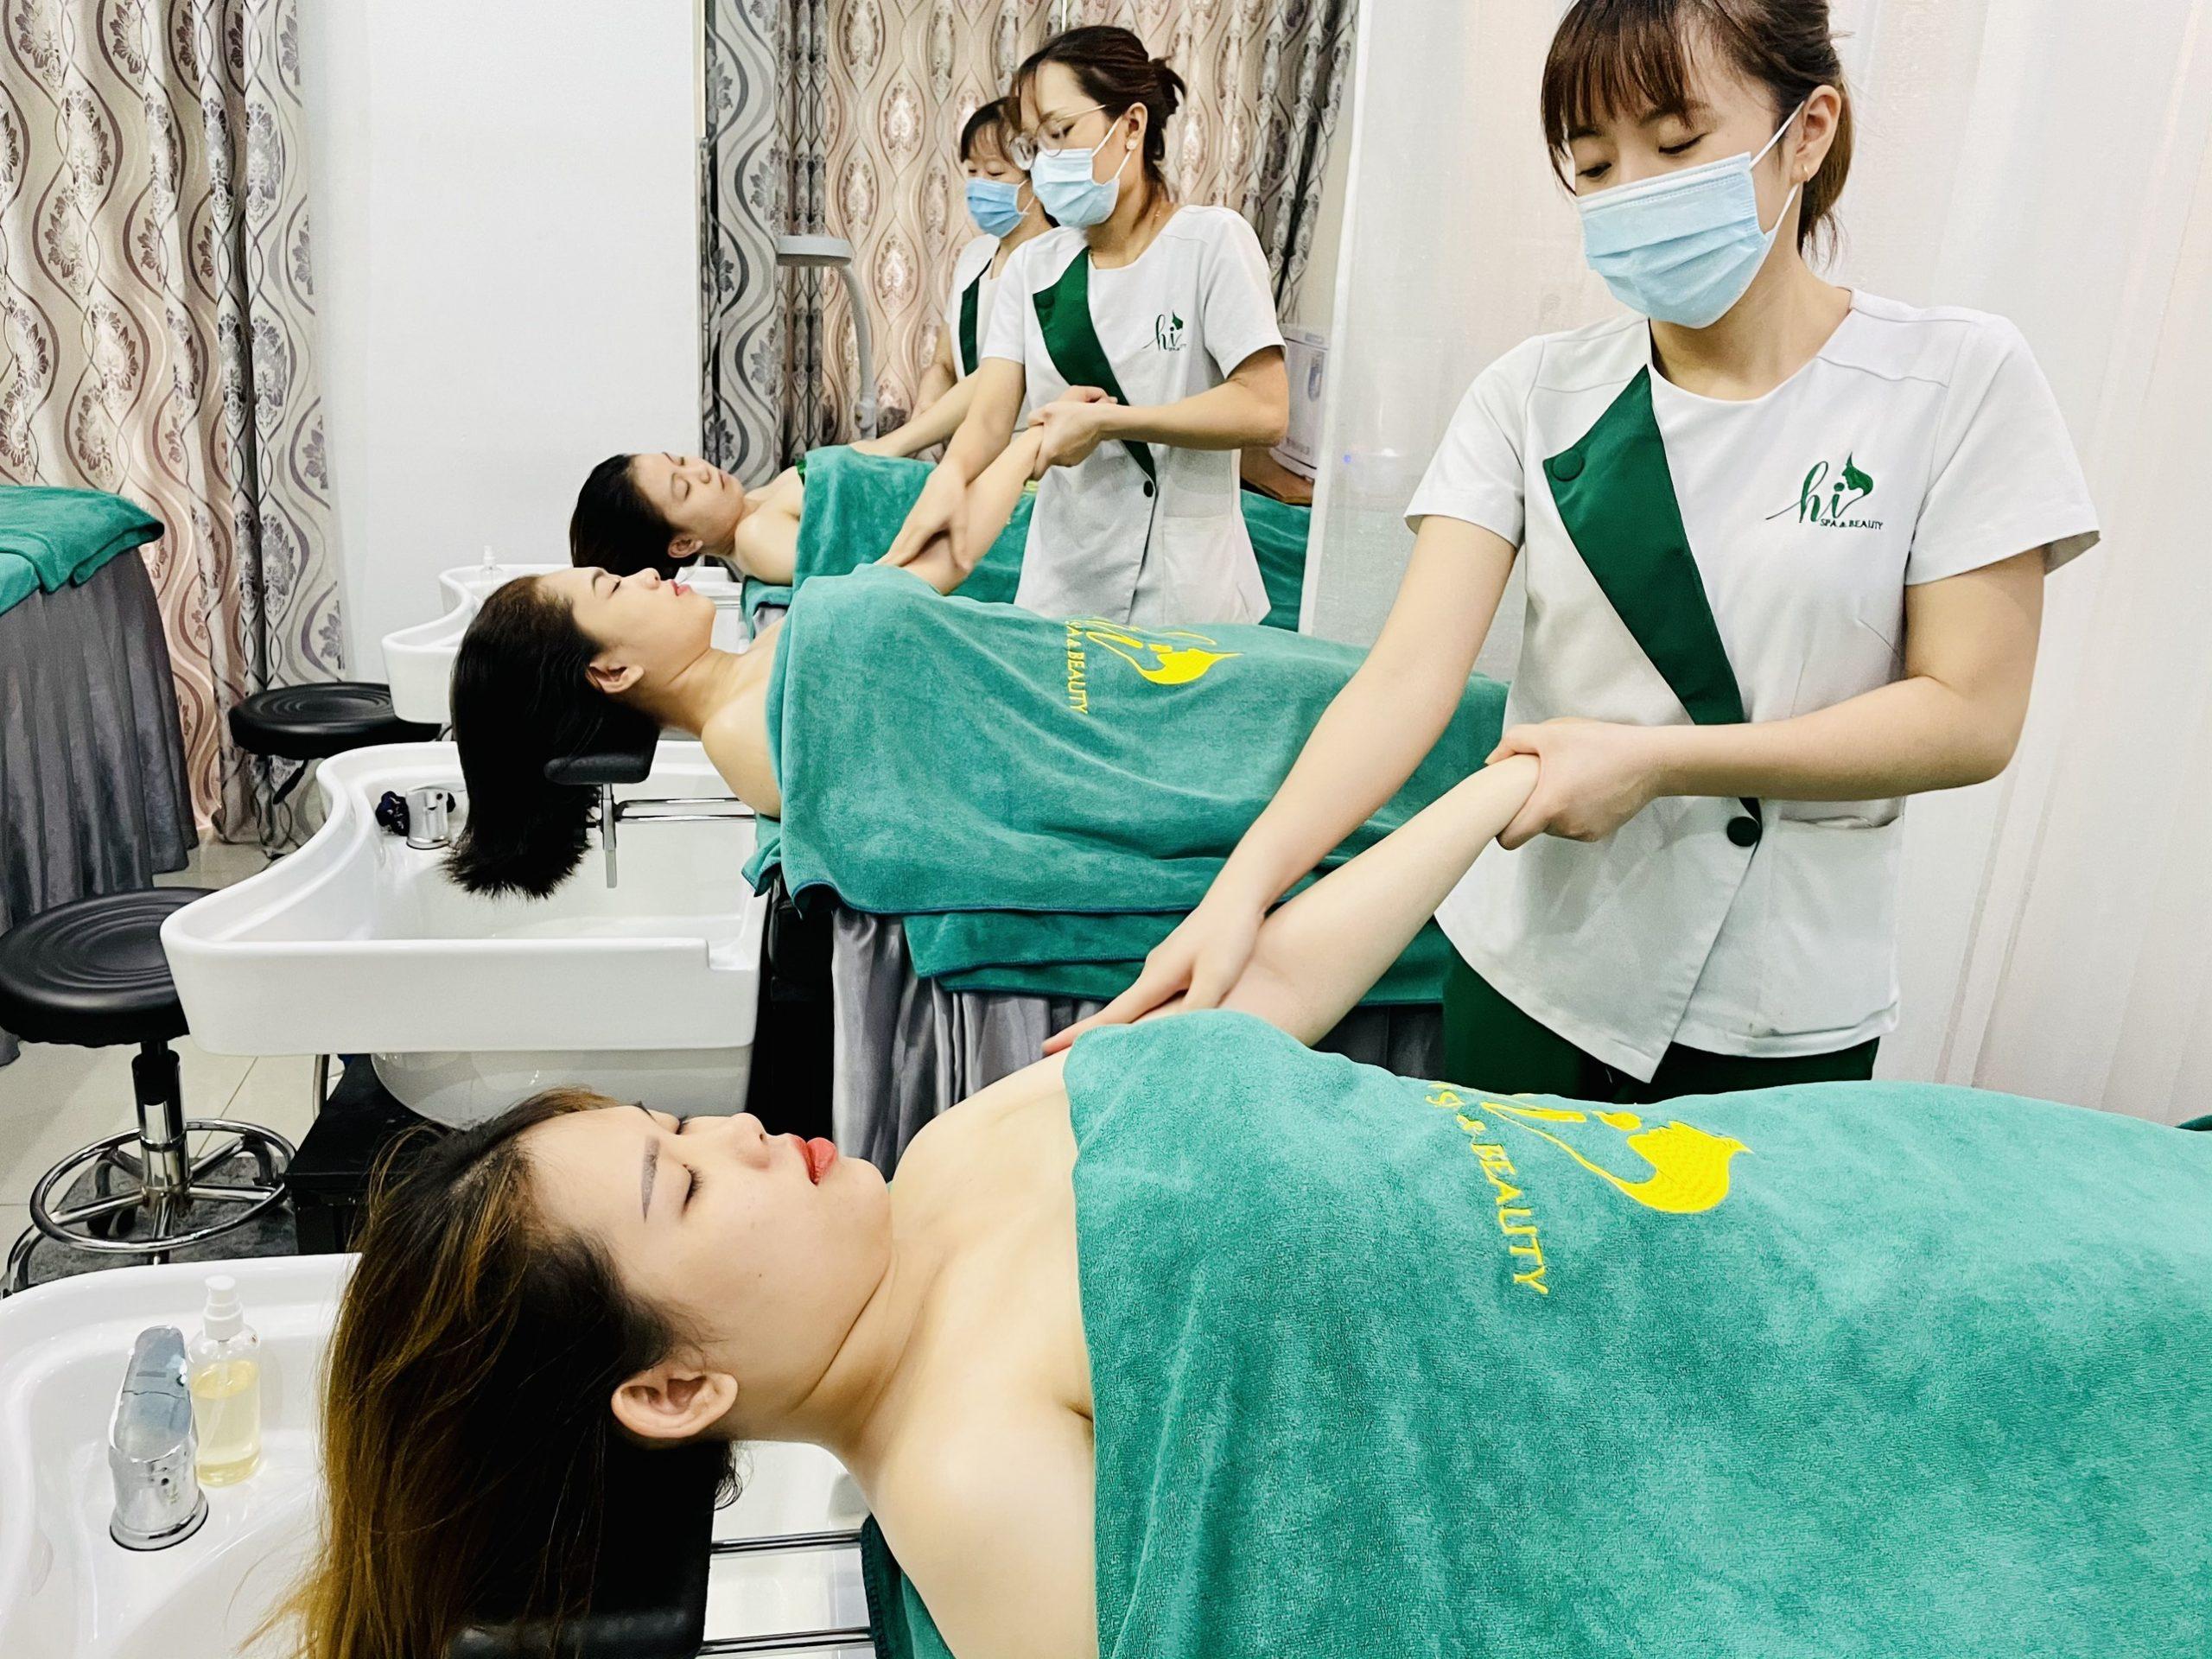 Massage lên cánh tay giúp giảm căng cơ và thư giãn các bó cơ